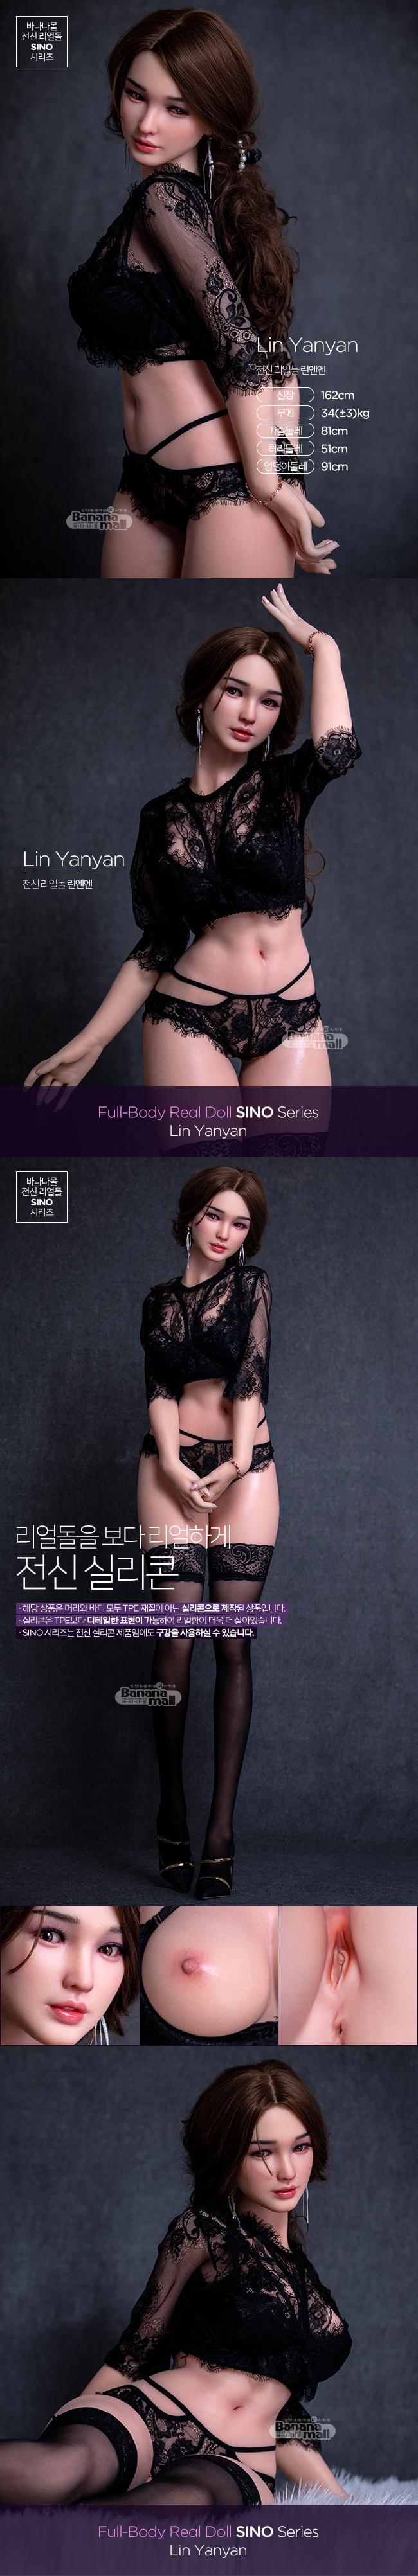 [전신 리얼돌] 린엔엔(Lin Yanyan) 162cm - 전신 실리콘/풀 커스터마이징 Sino(Lin Yanyan)